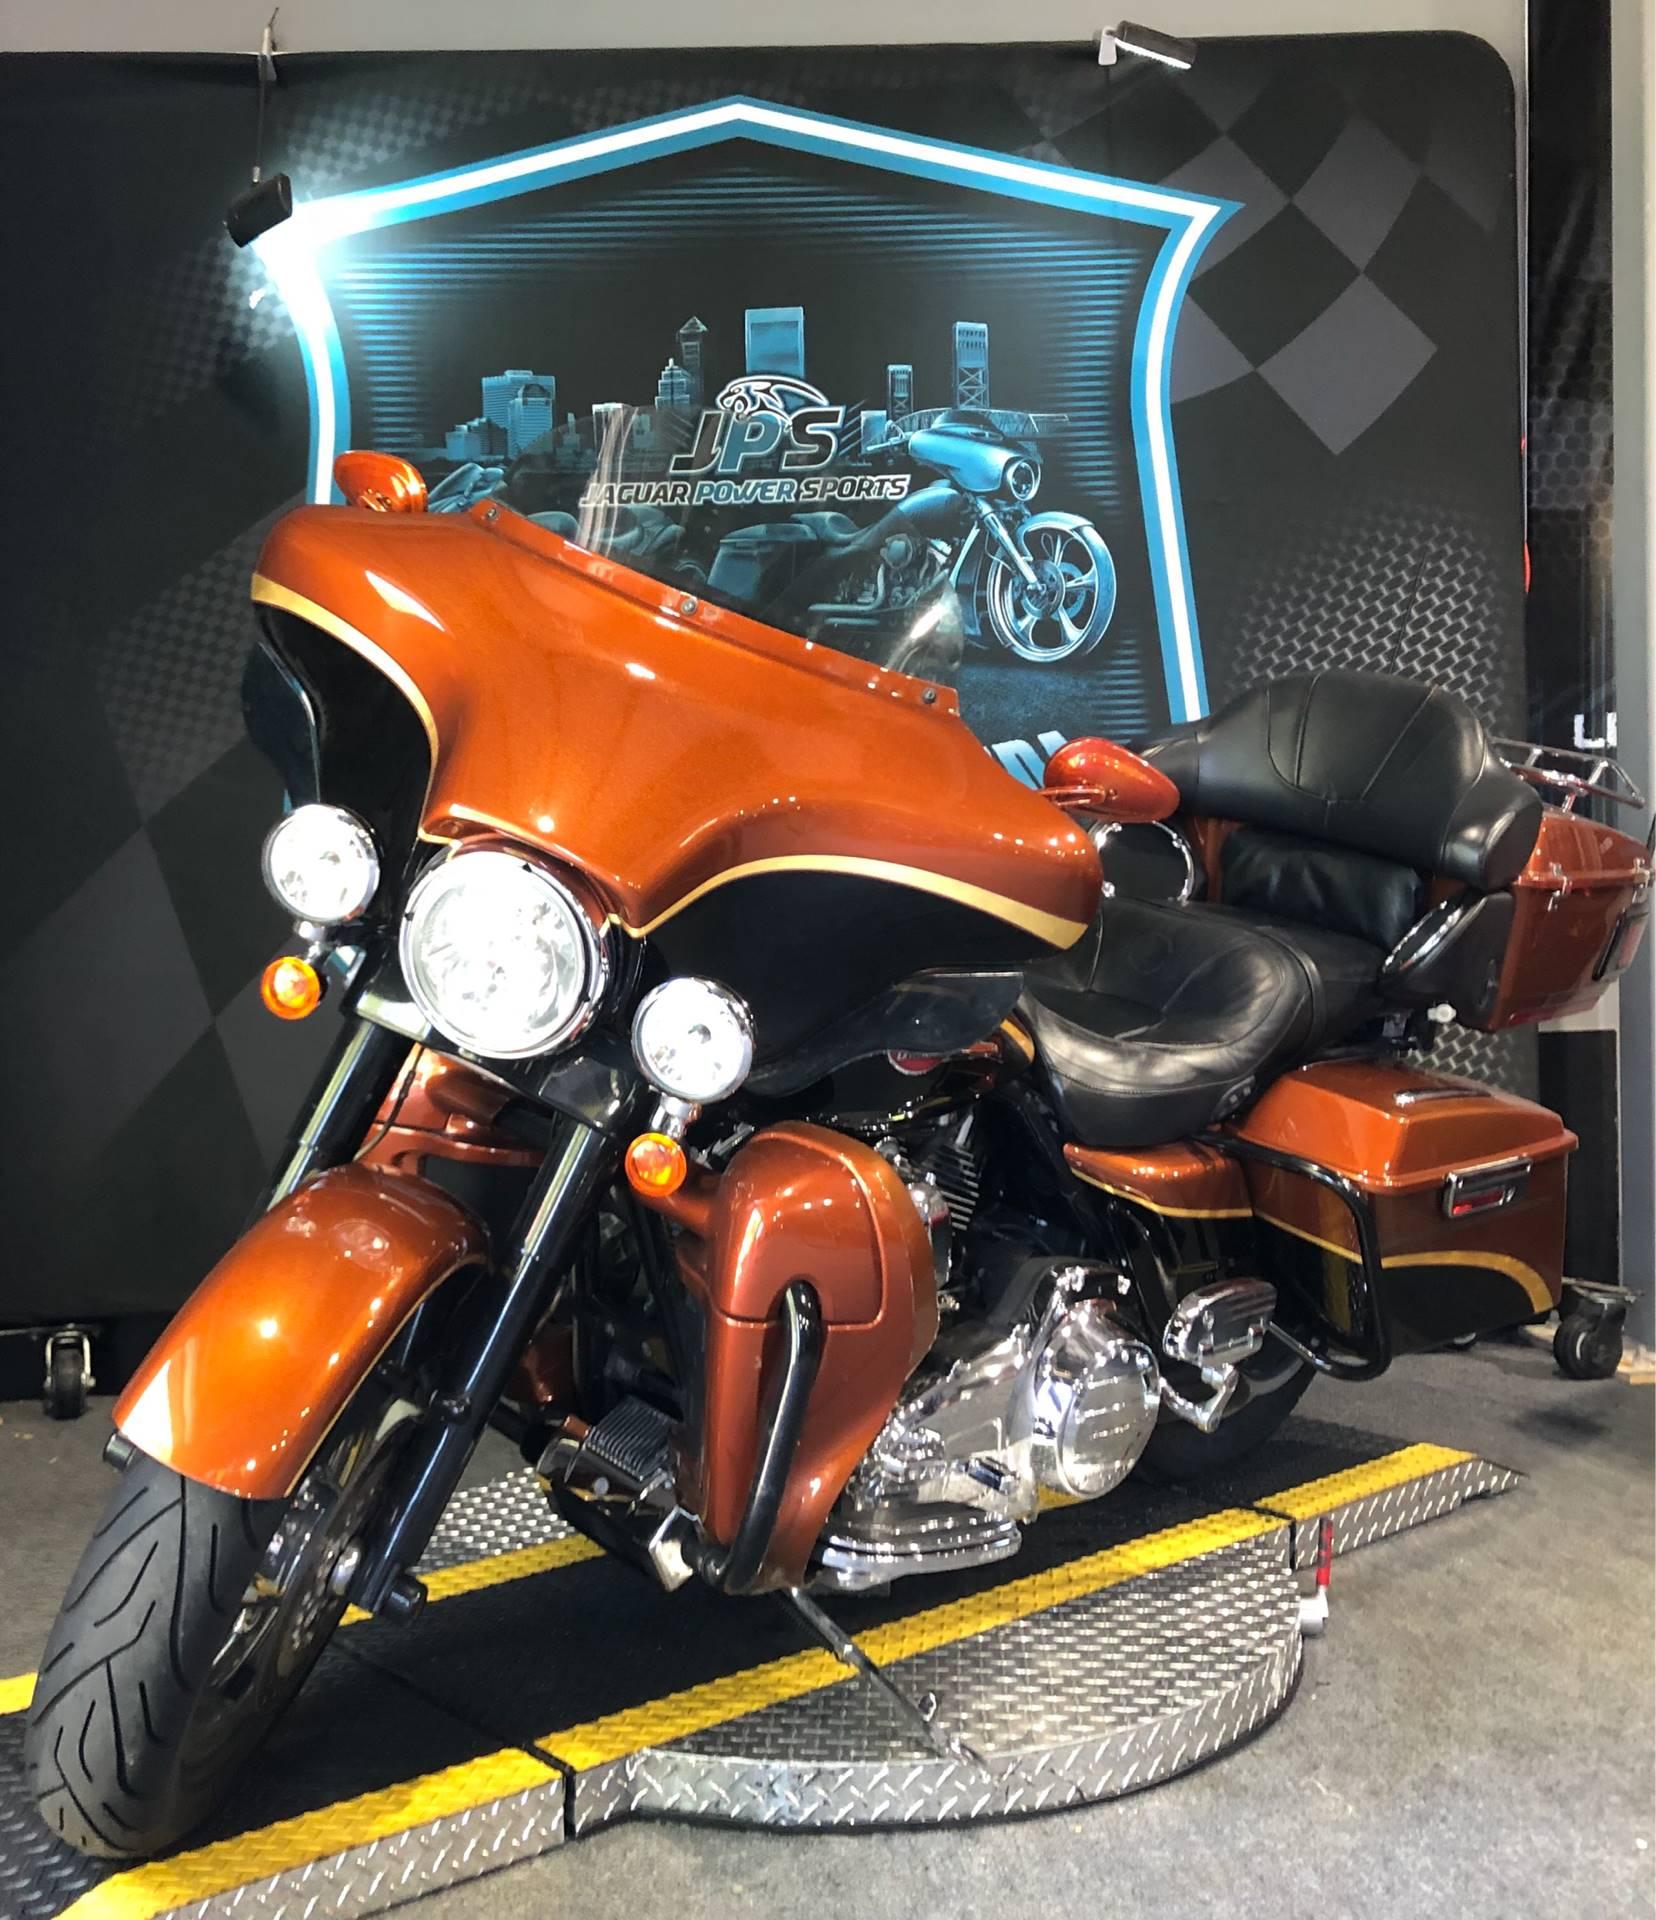 used 2008 harley davidson flhtcu se3 motorcycles in jacksonville fl stock number har952051. Black Bedroom Furniture Sets. Home Design Ideas